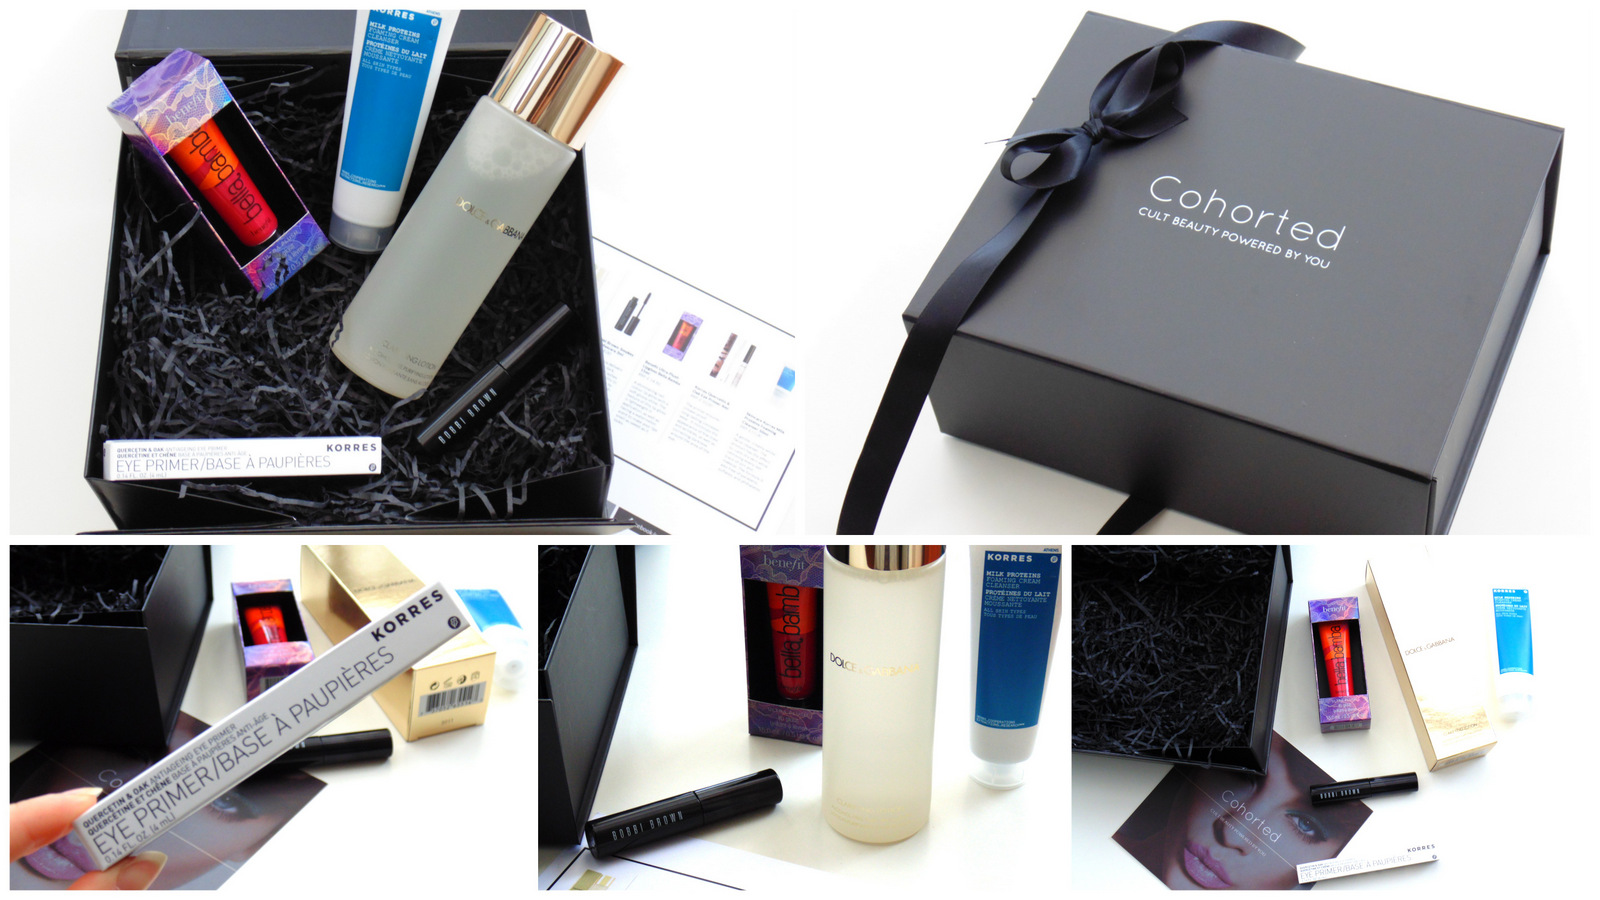 Cohorted Beauty Box: Feb 2015